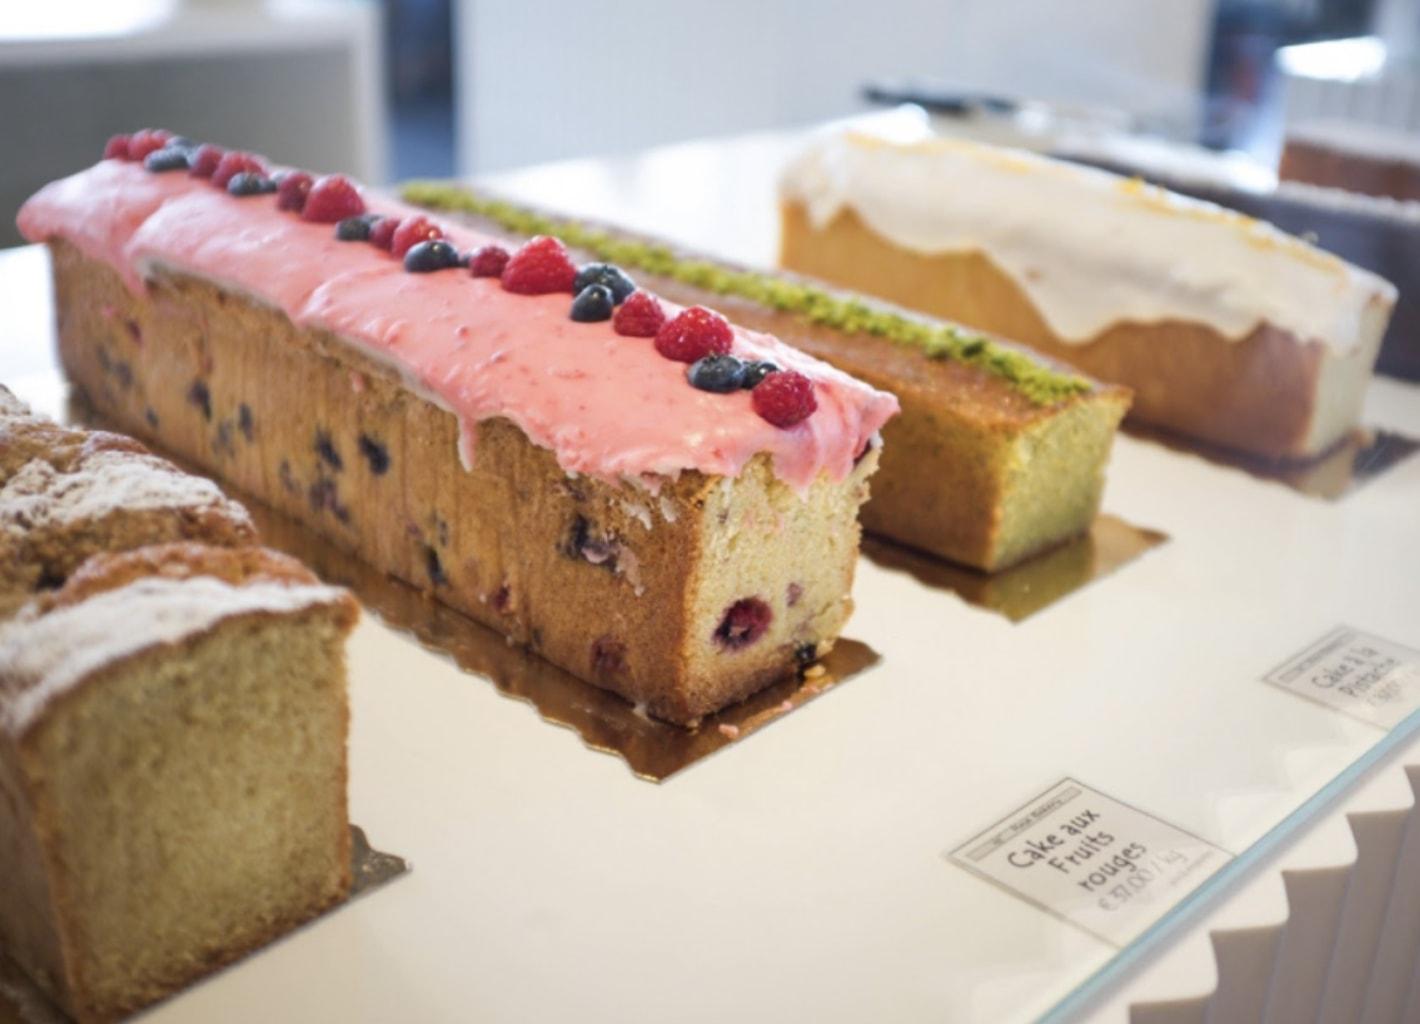 patisserie rose bakery archive un sejour responsable a paris sanna conscious concept